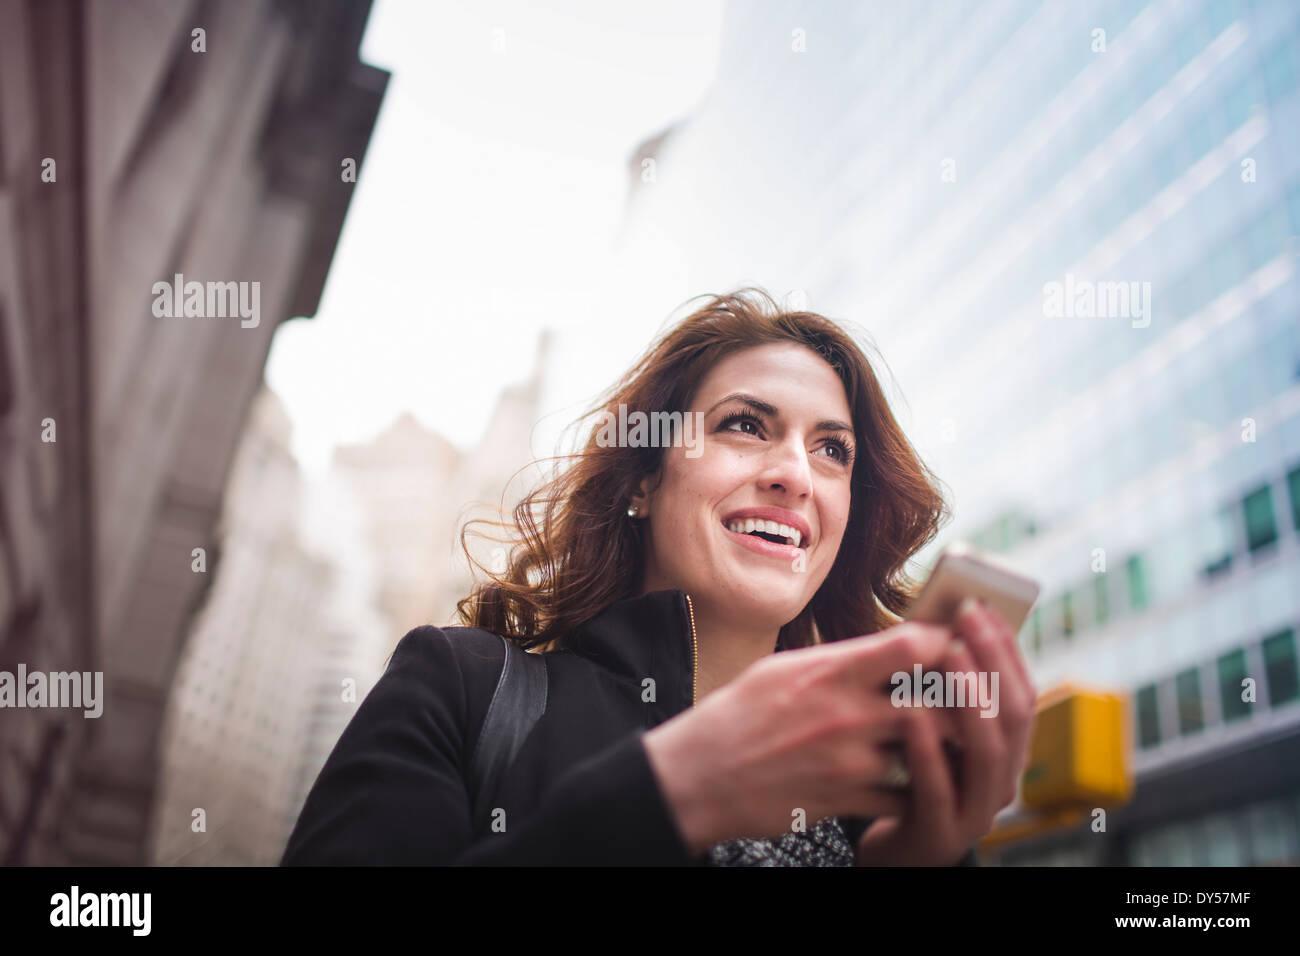 Giovane donna tenendo il telefono cellulare, New York, Stati Uniti d'America Immagini Stock